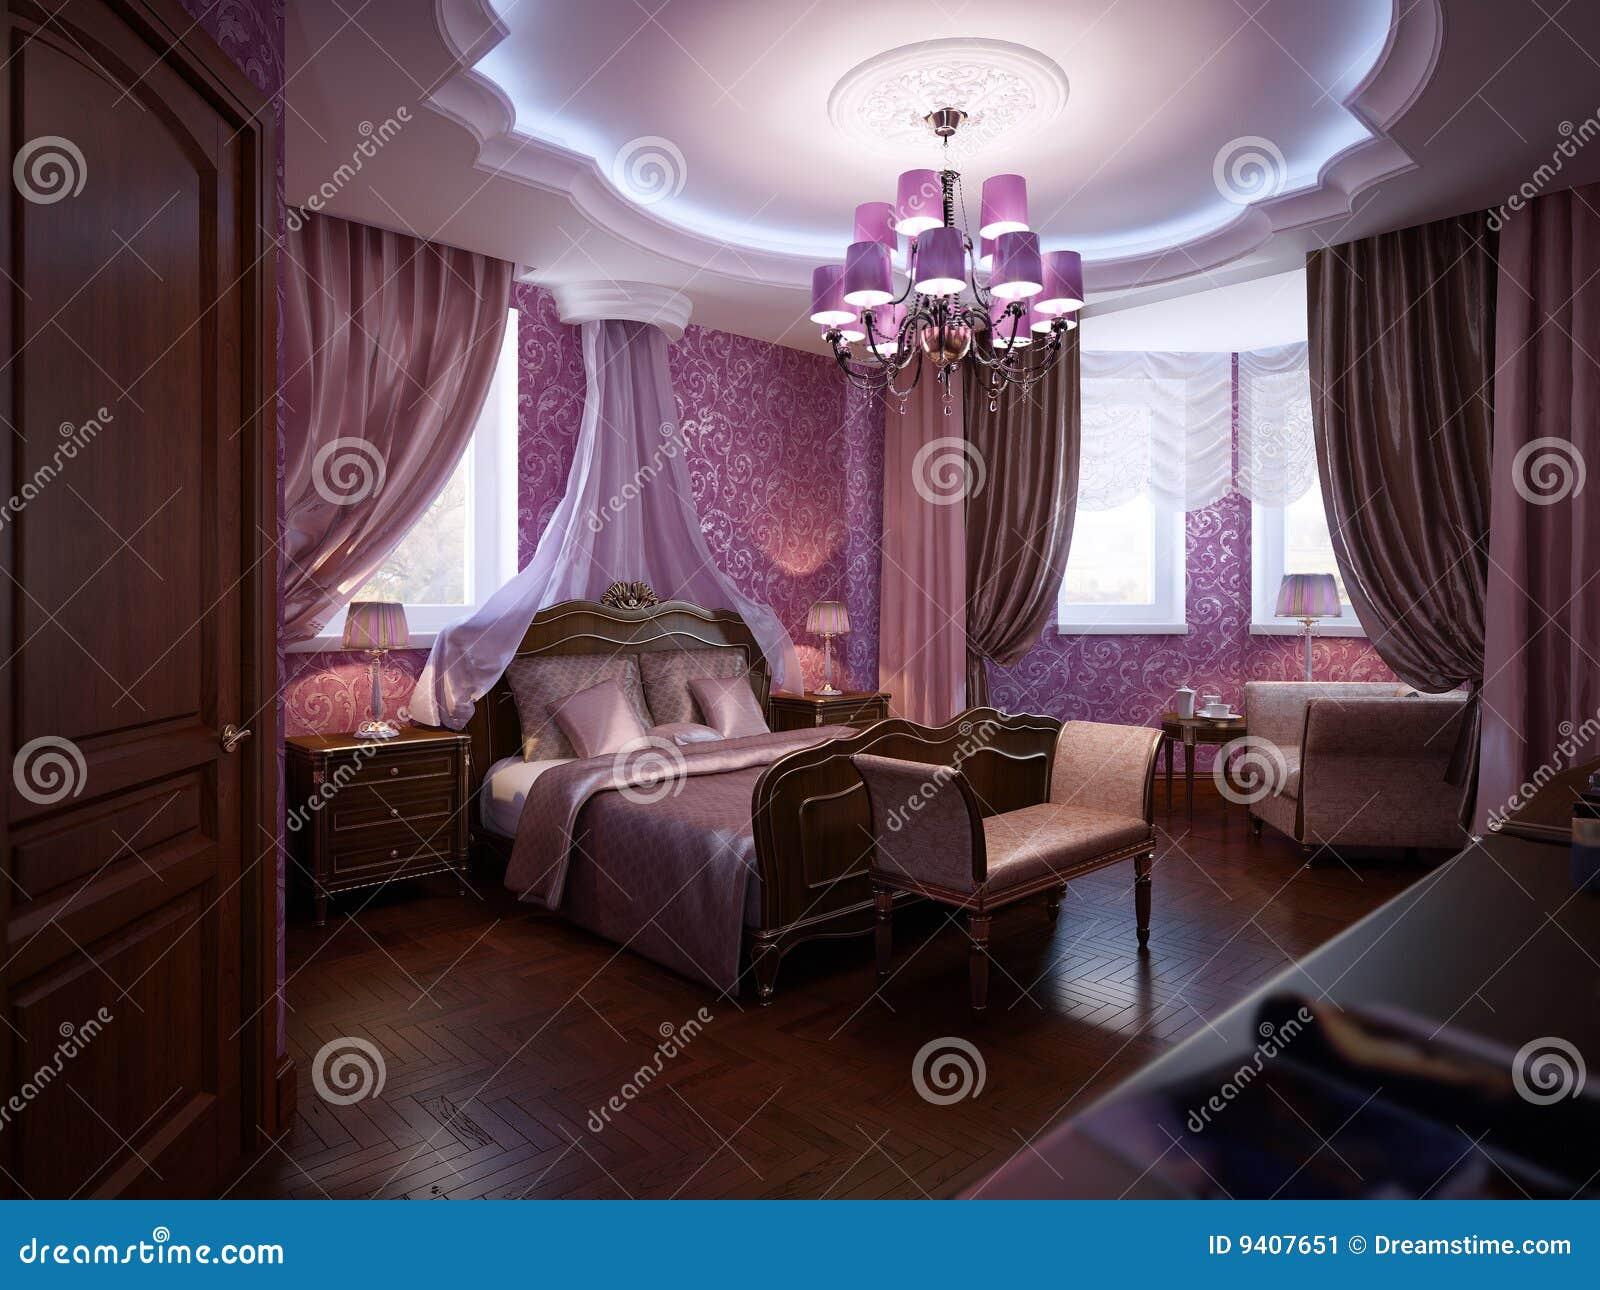 Klassisches Schlafzimmer Stockbild - Bild: 9407651 Schlafzimmer Klassisch Modern